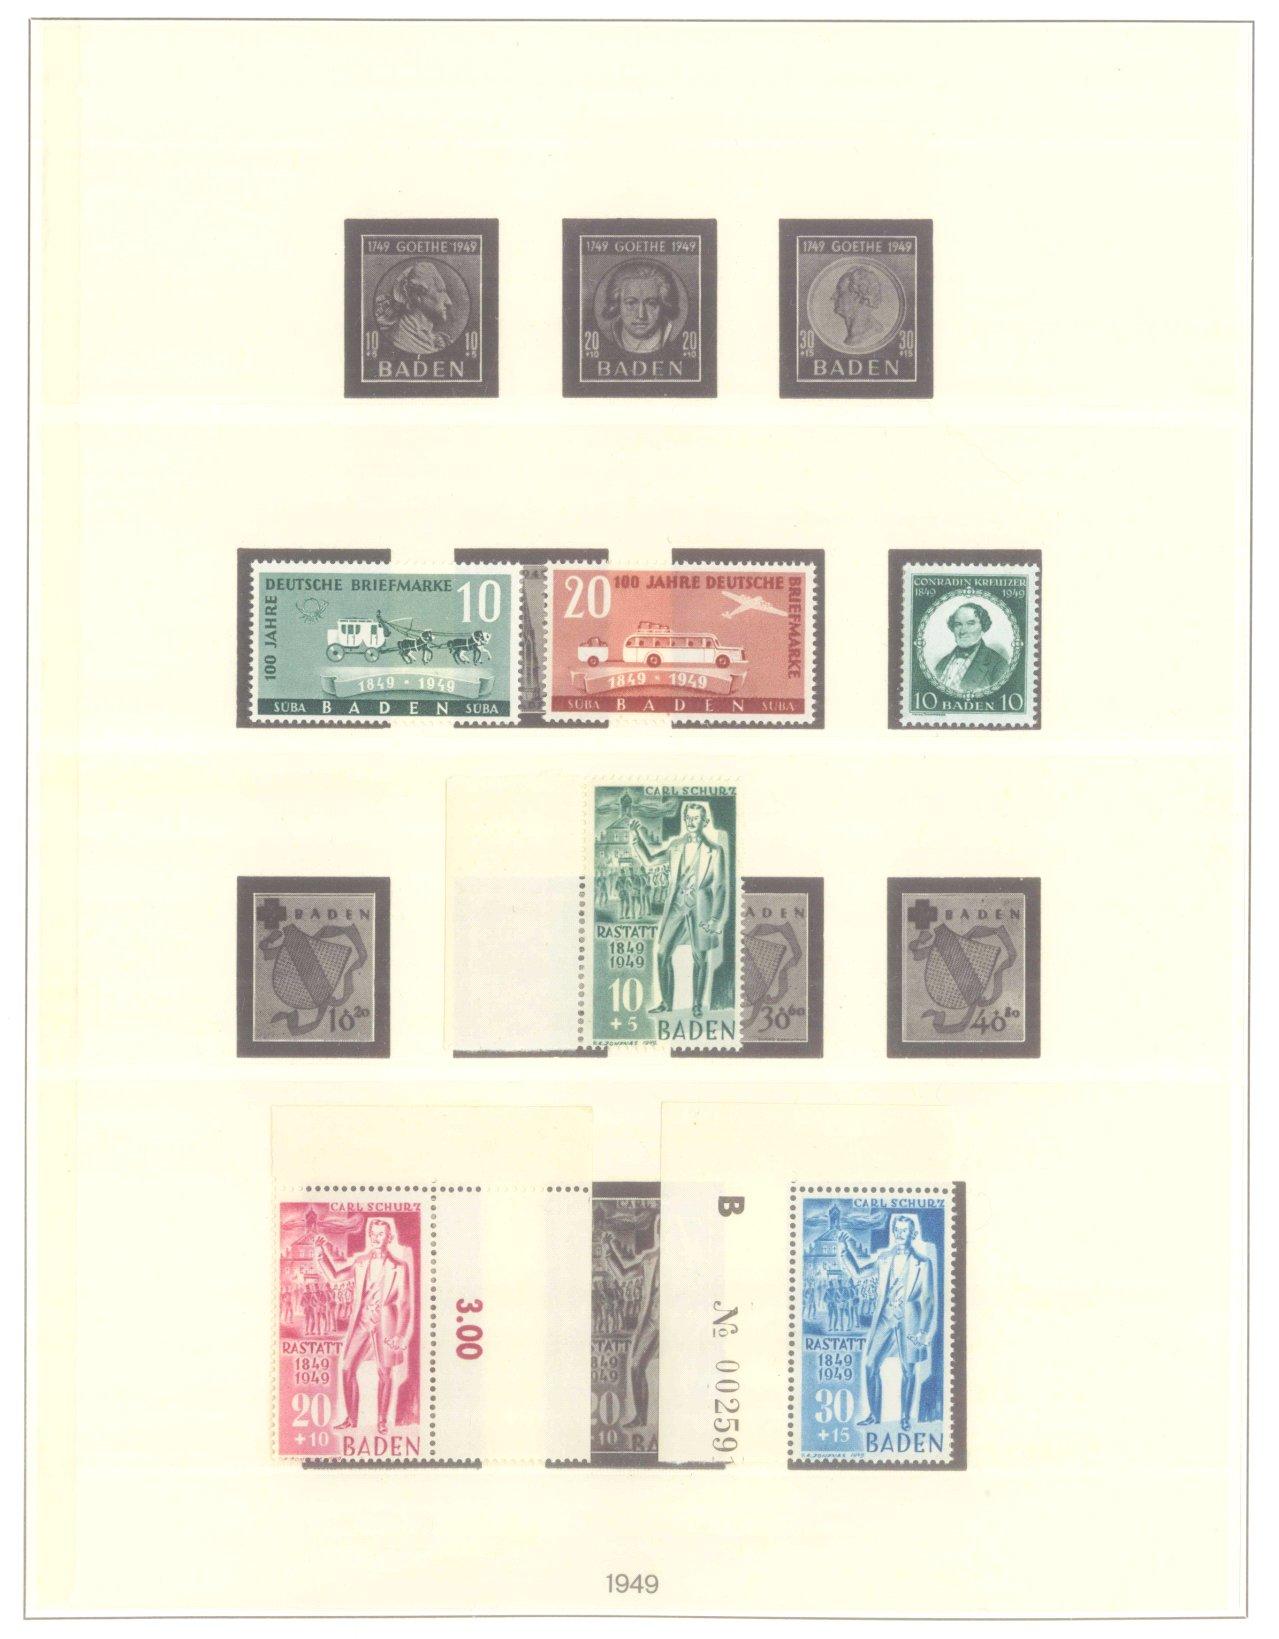 FRANZÖSISCHE ZONE BADEN 1947-1949-2